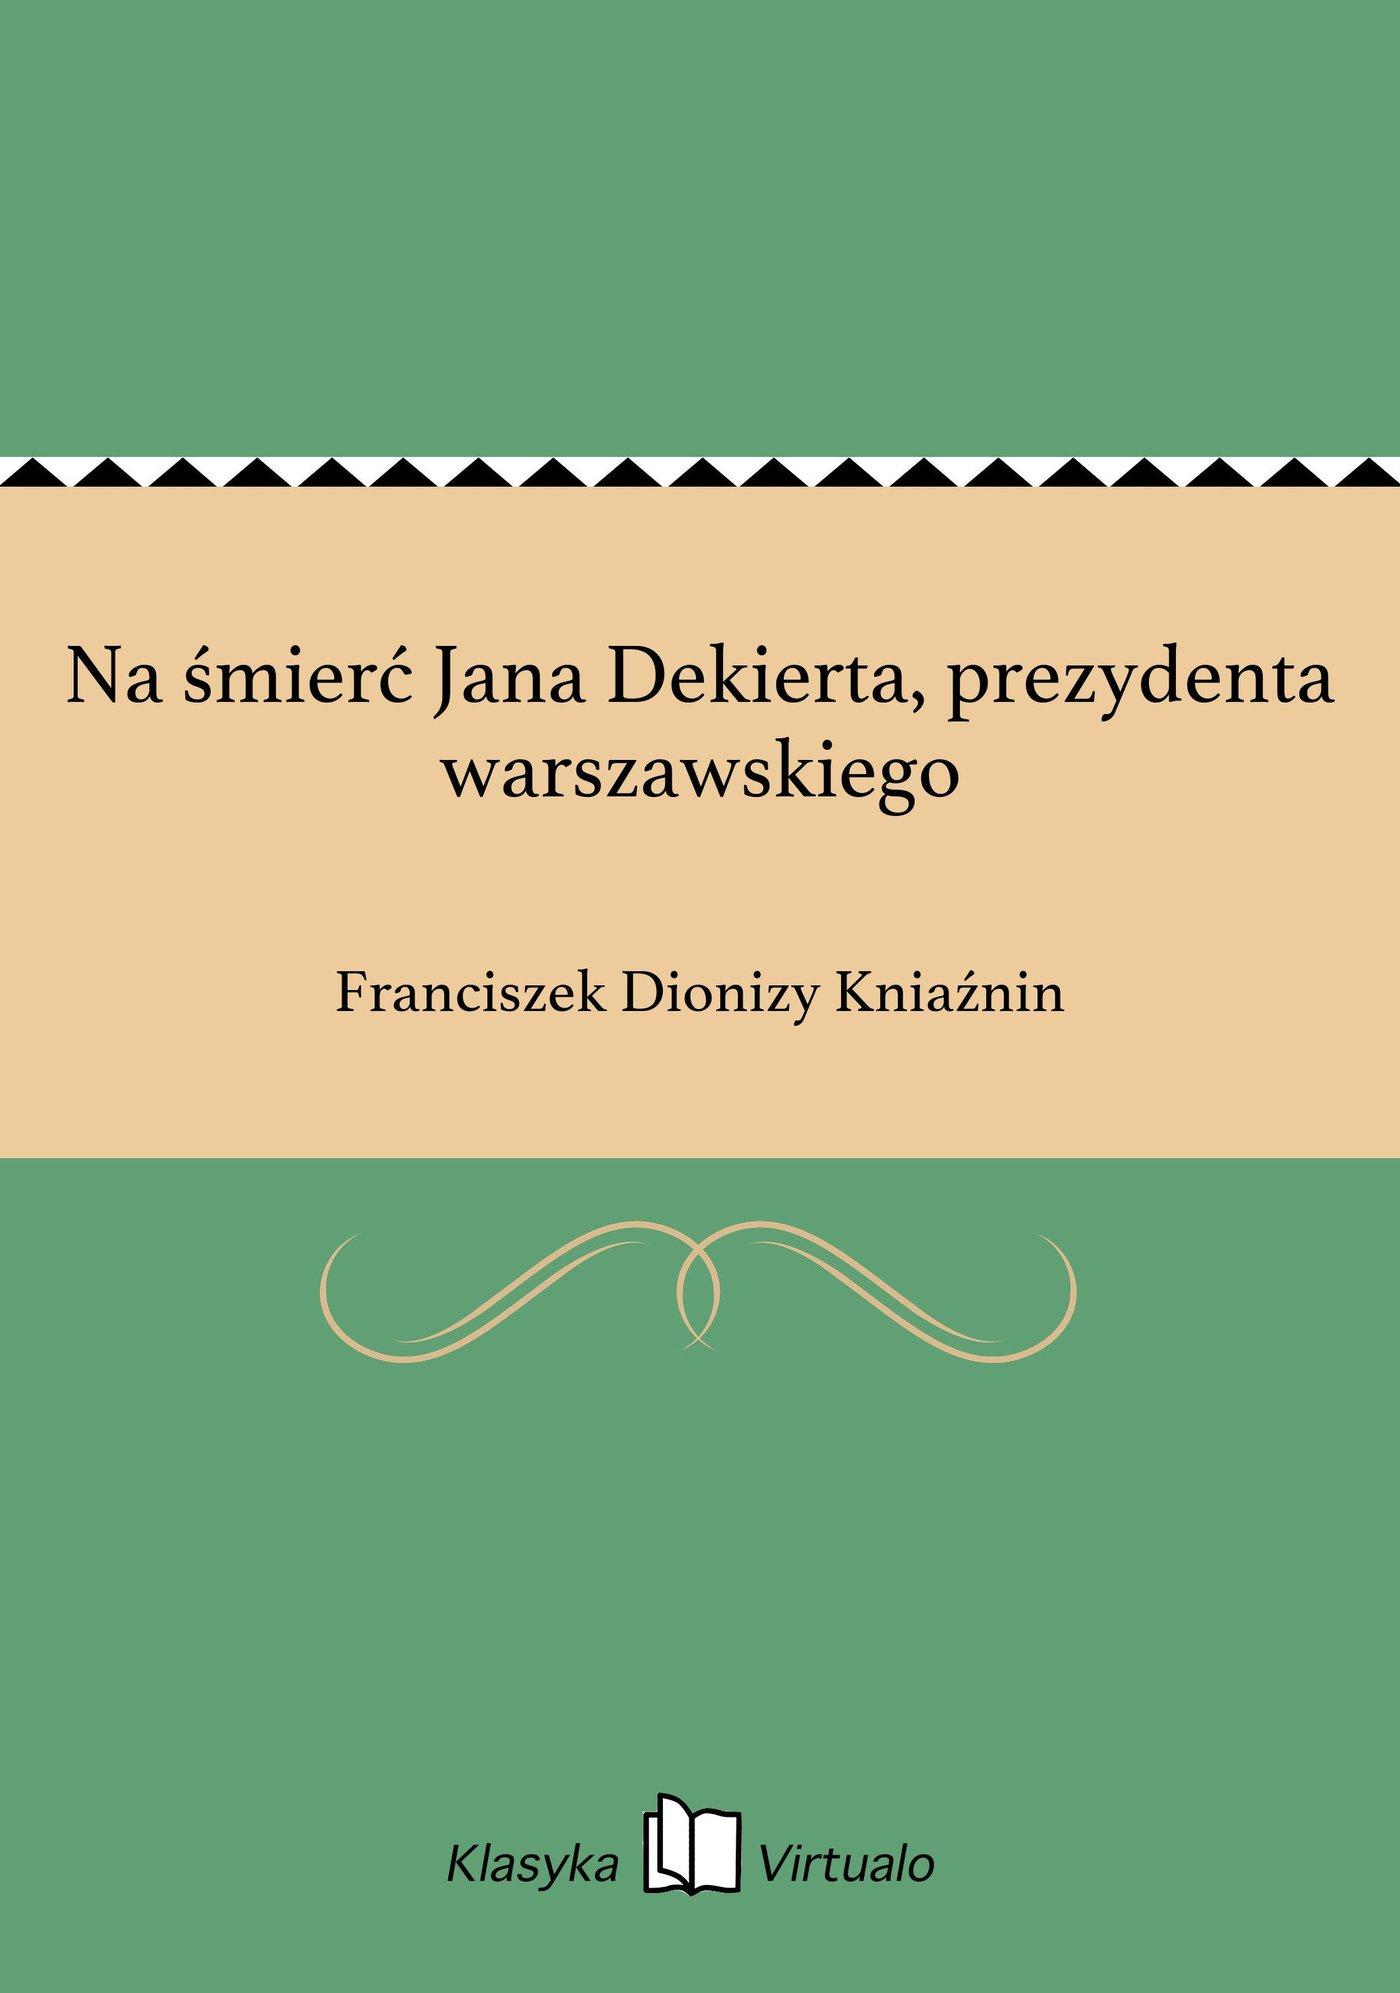 Na śmierć Jana Dekierta, prezydenta warszawskiego - Ebook (Książka EPUB) do pobrania w formacie EPUB